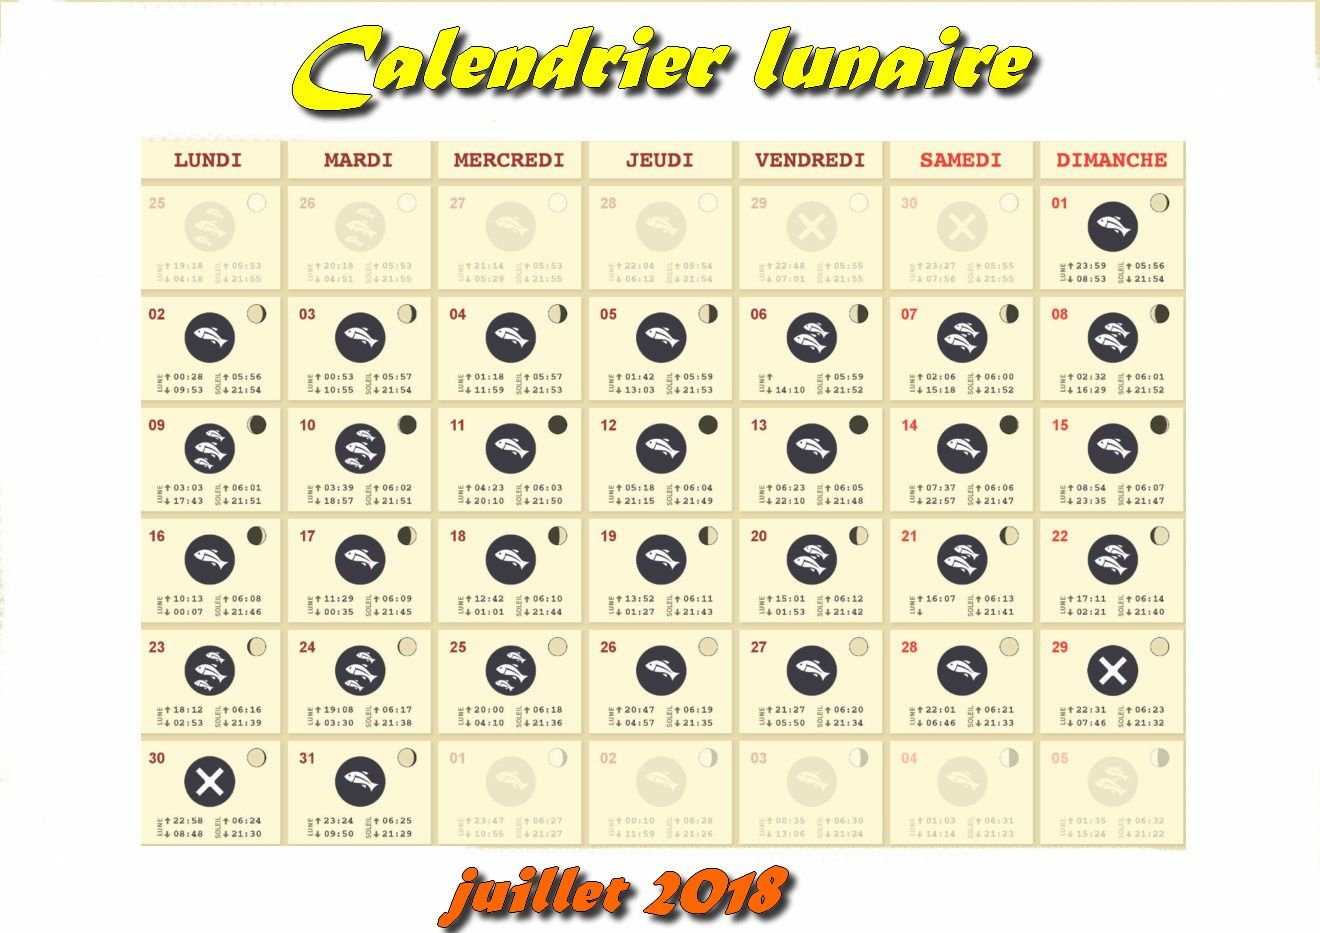 Calendrier Lunaire Juillet 2020.Calendrier Lunaire Juillet 2018 Truitepassion Fr